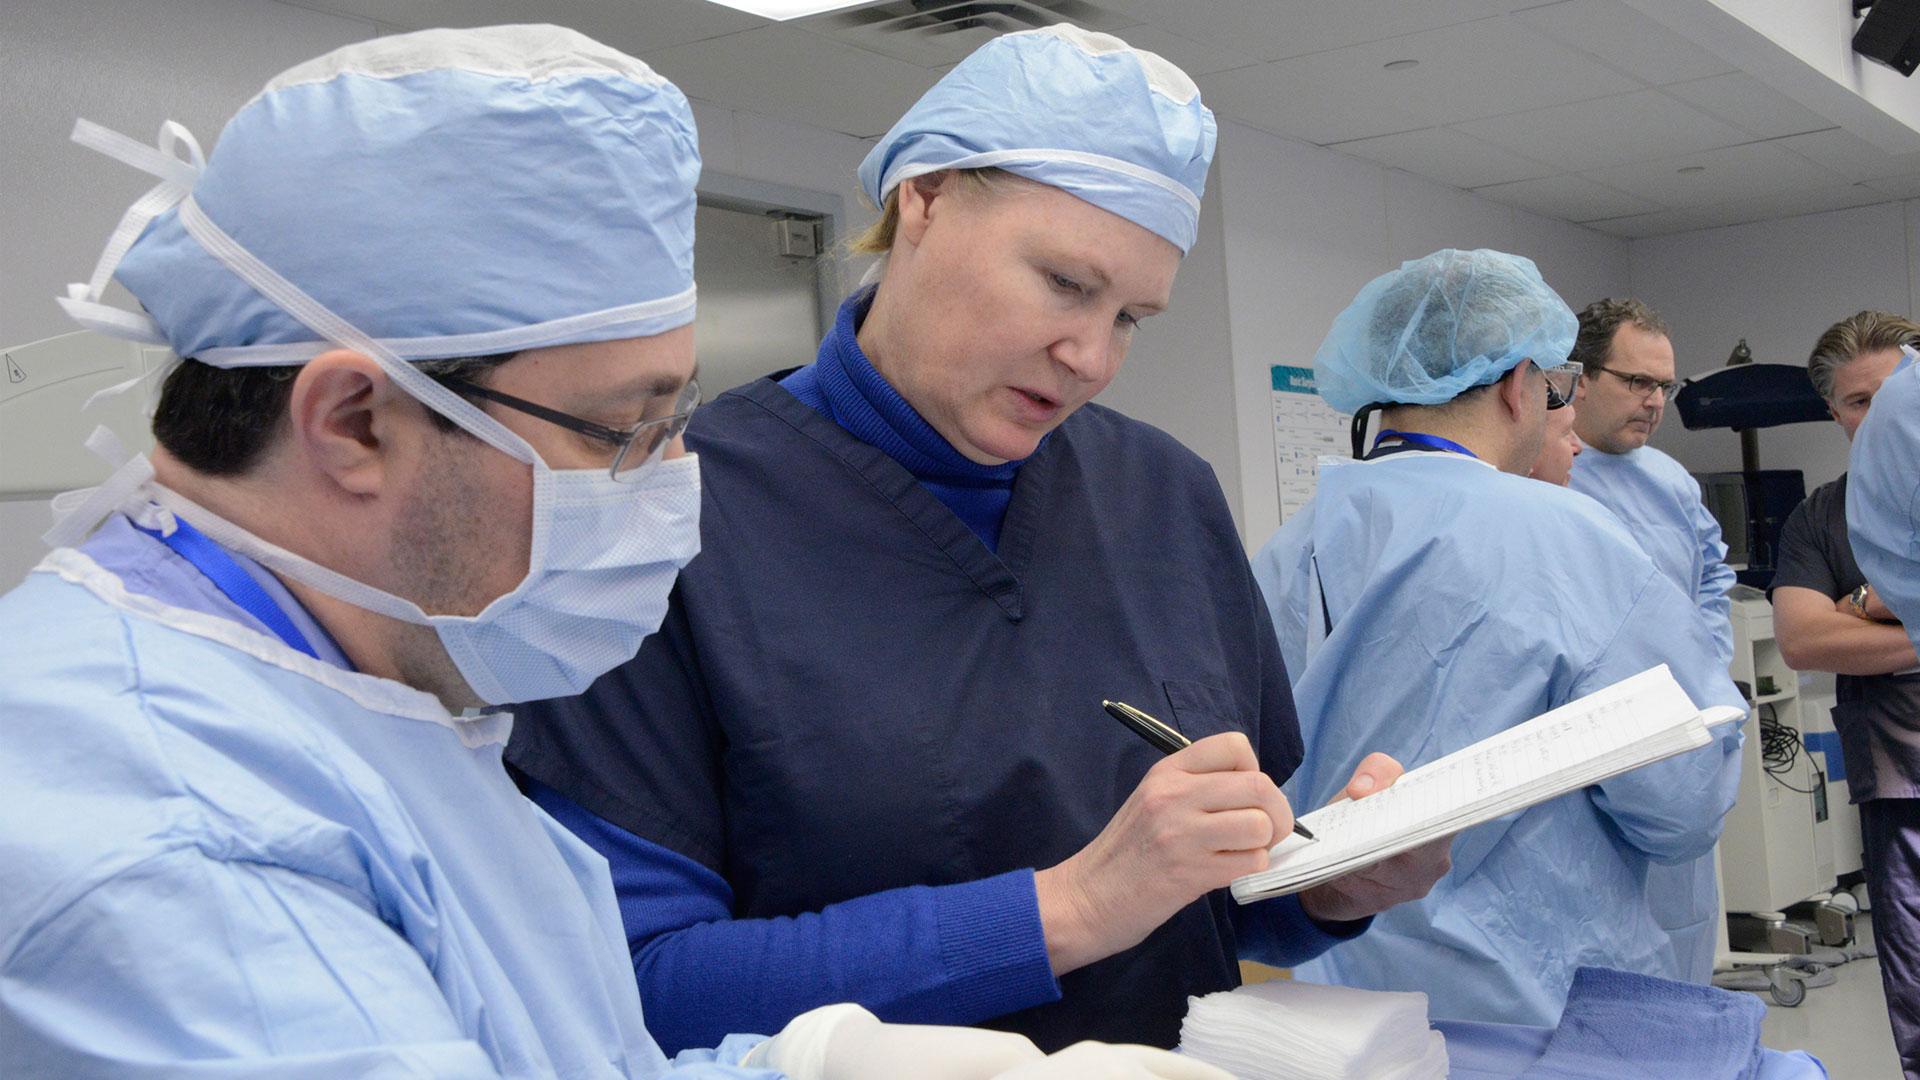 Dr. Alexes Hazen